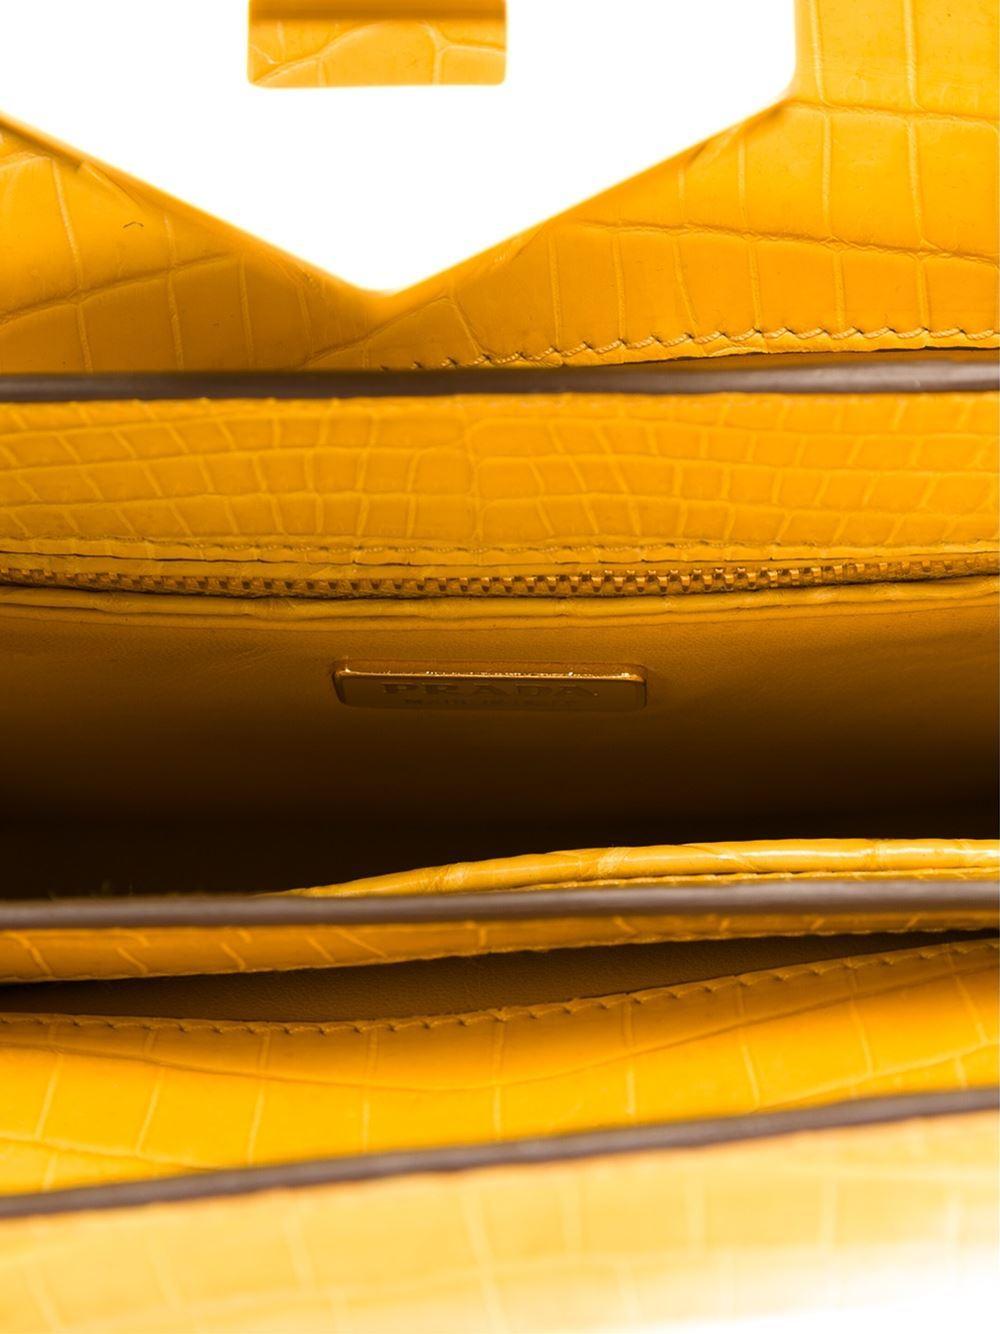 UNIQUE MADE TO ORDER Prada Colour Block Crocodile Handbag In New Condition For Sale In London, GB